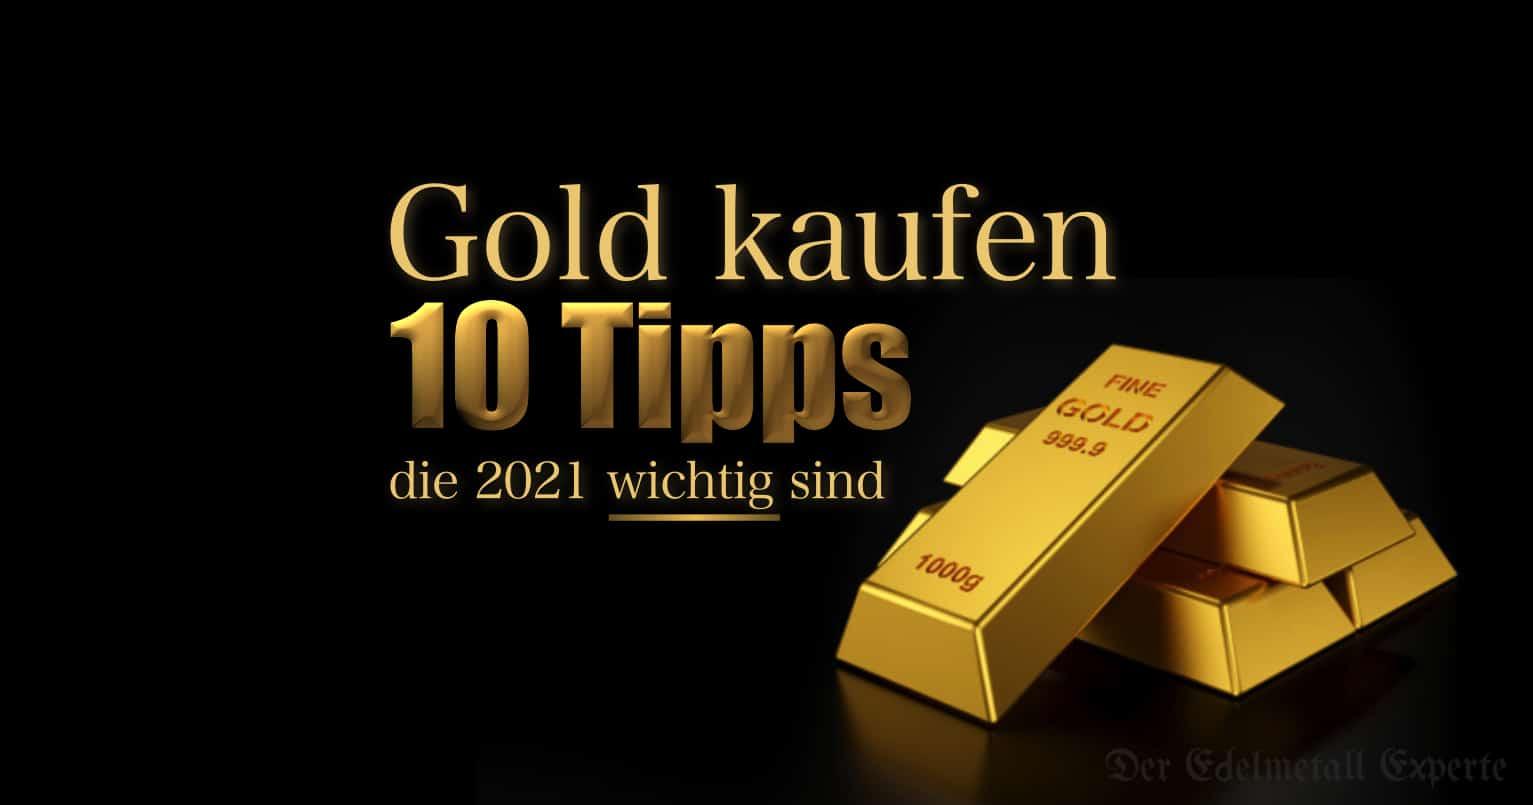 Gold kaufen Anlagegold